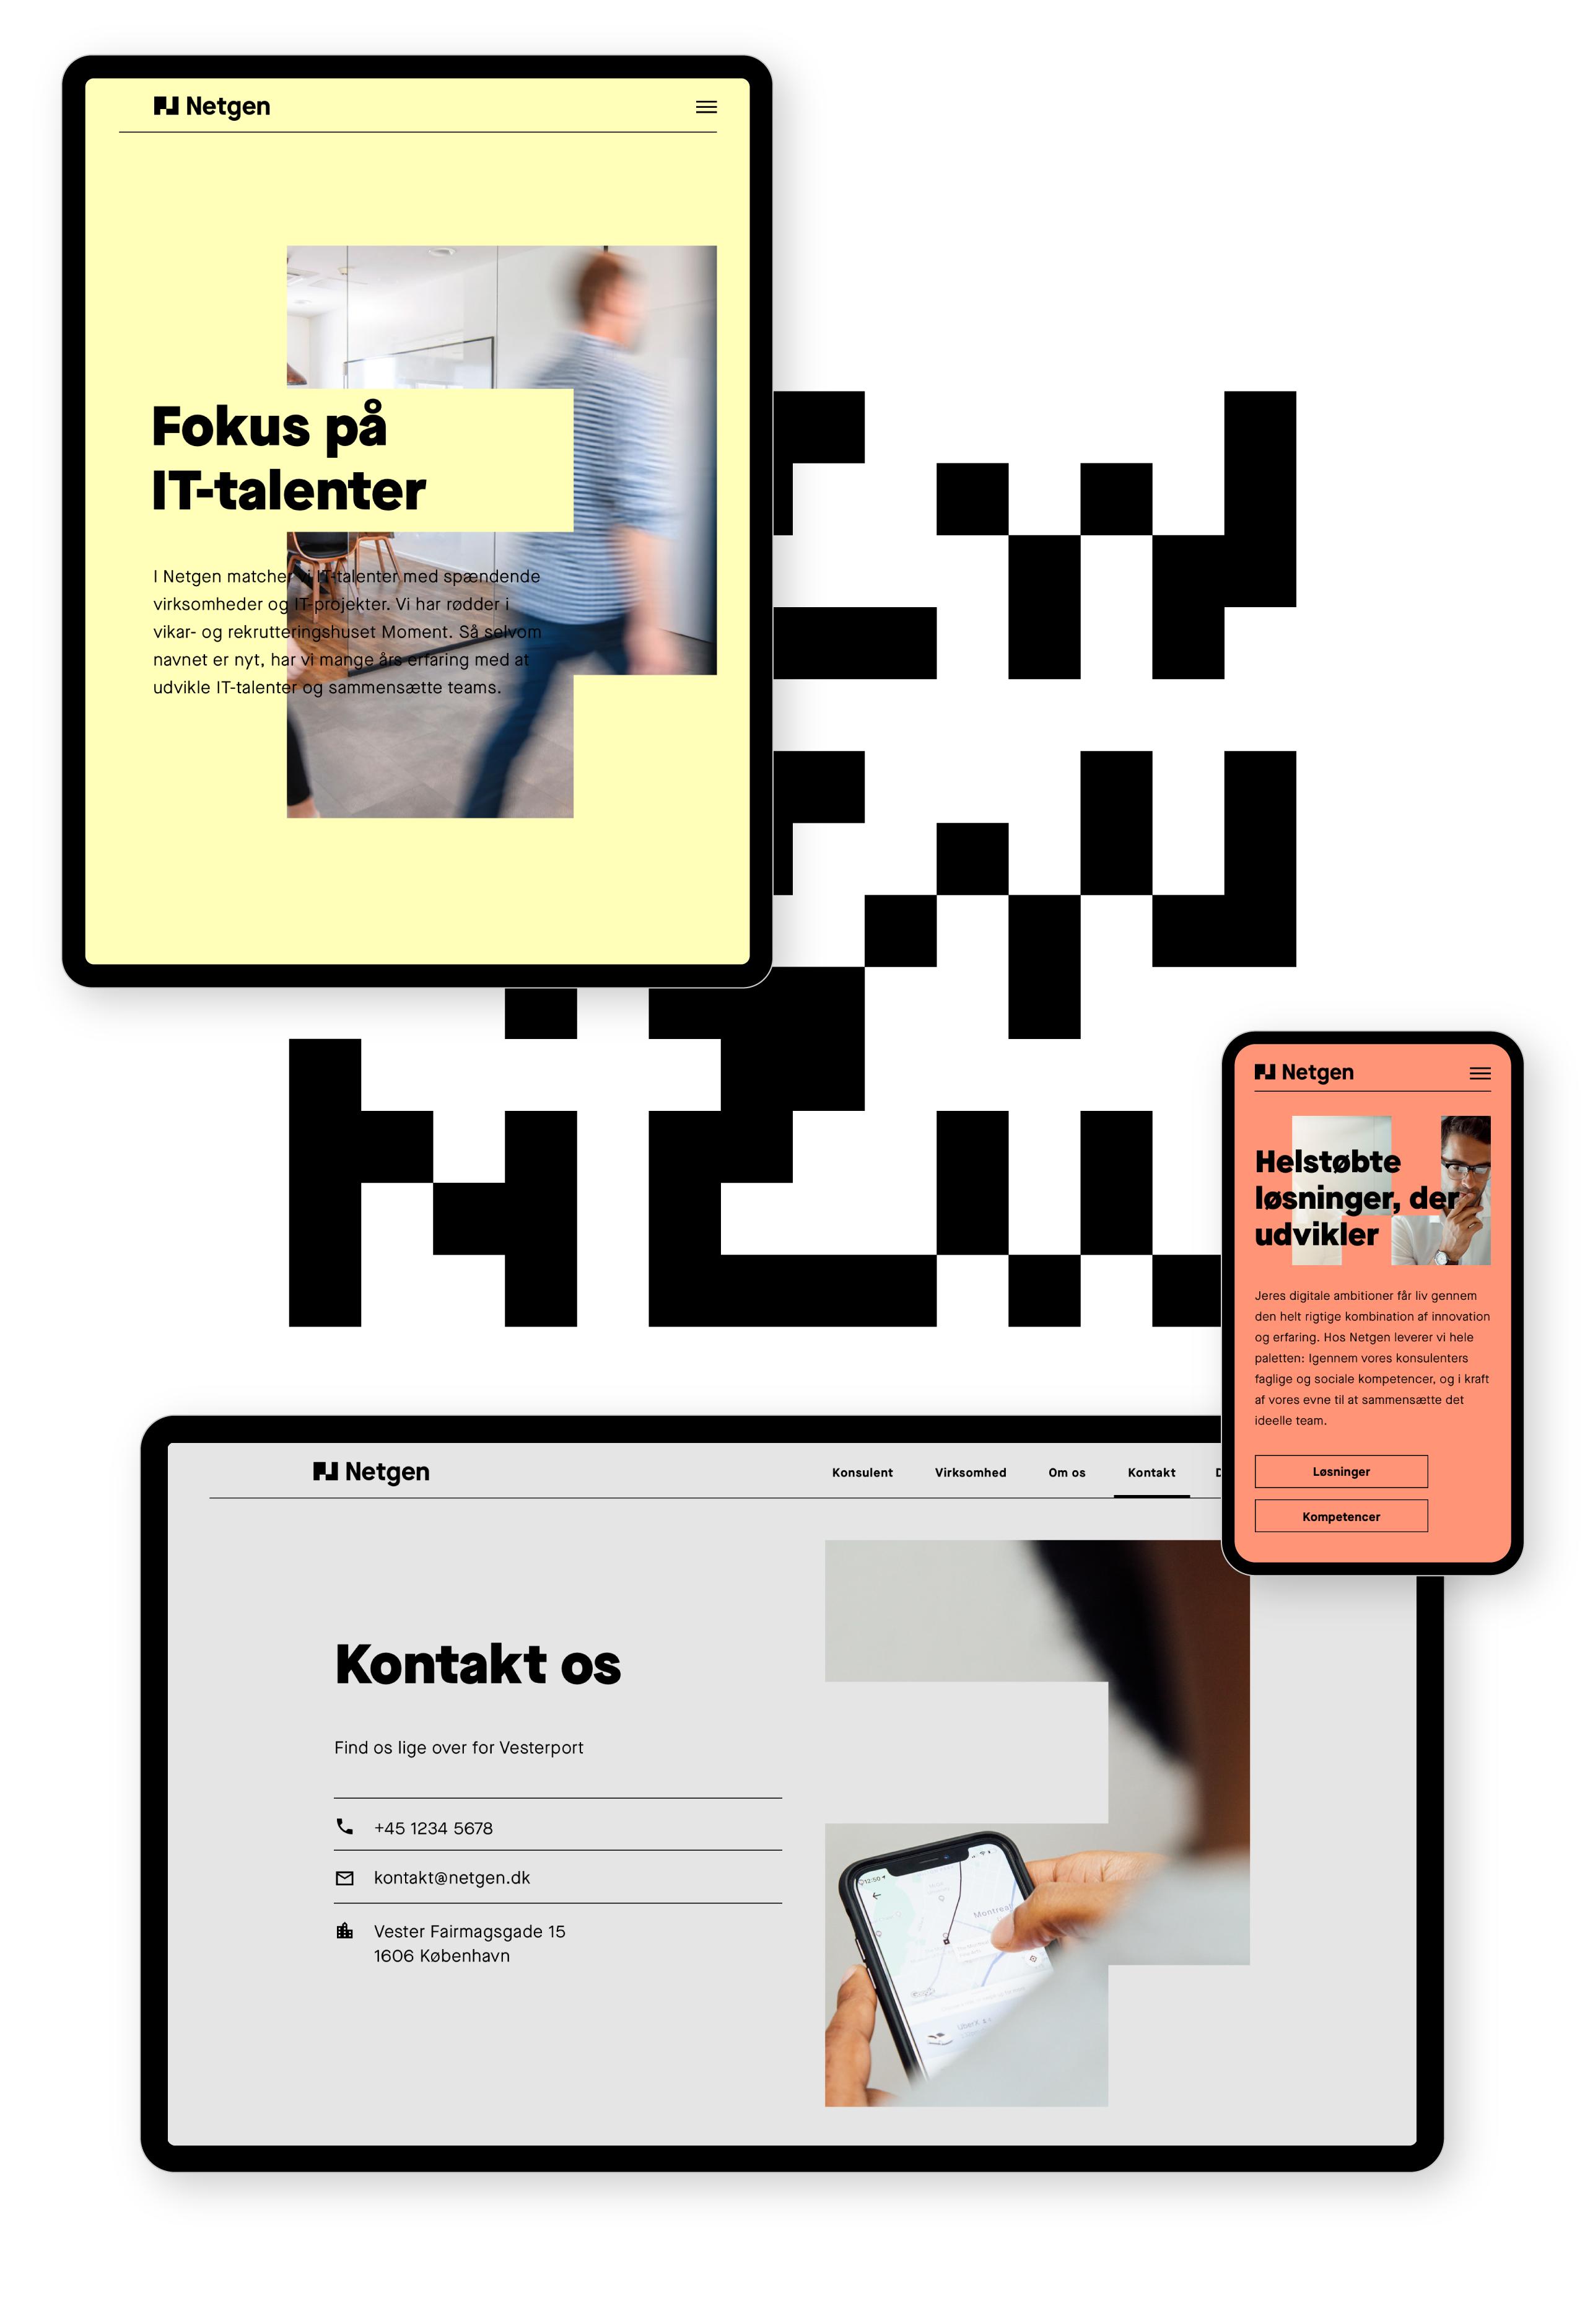 Netgen-Idna-Website_screens